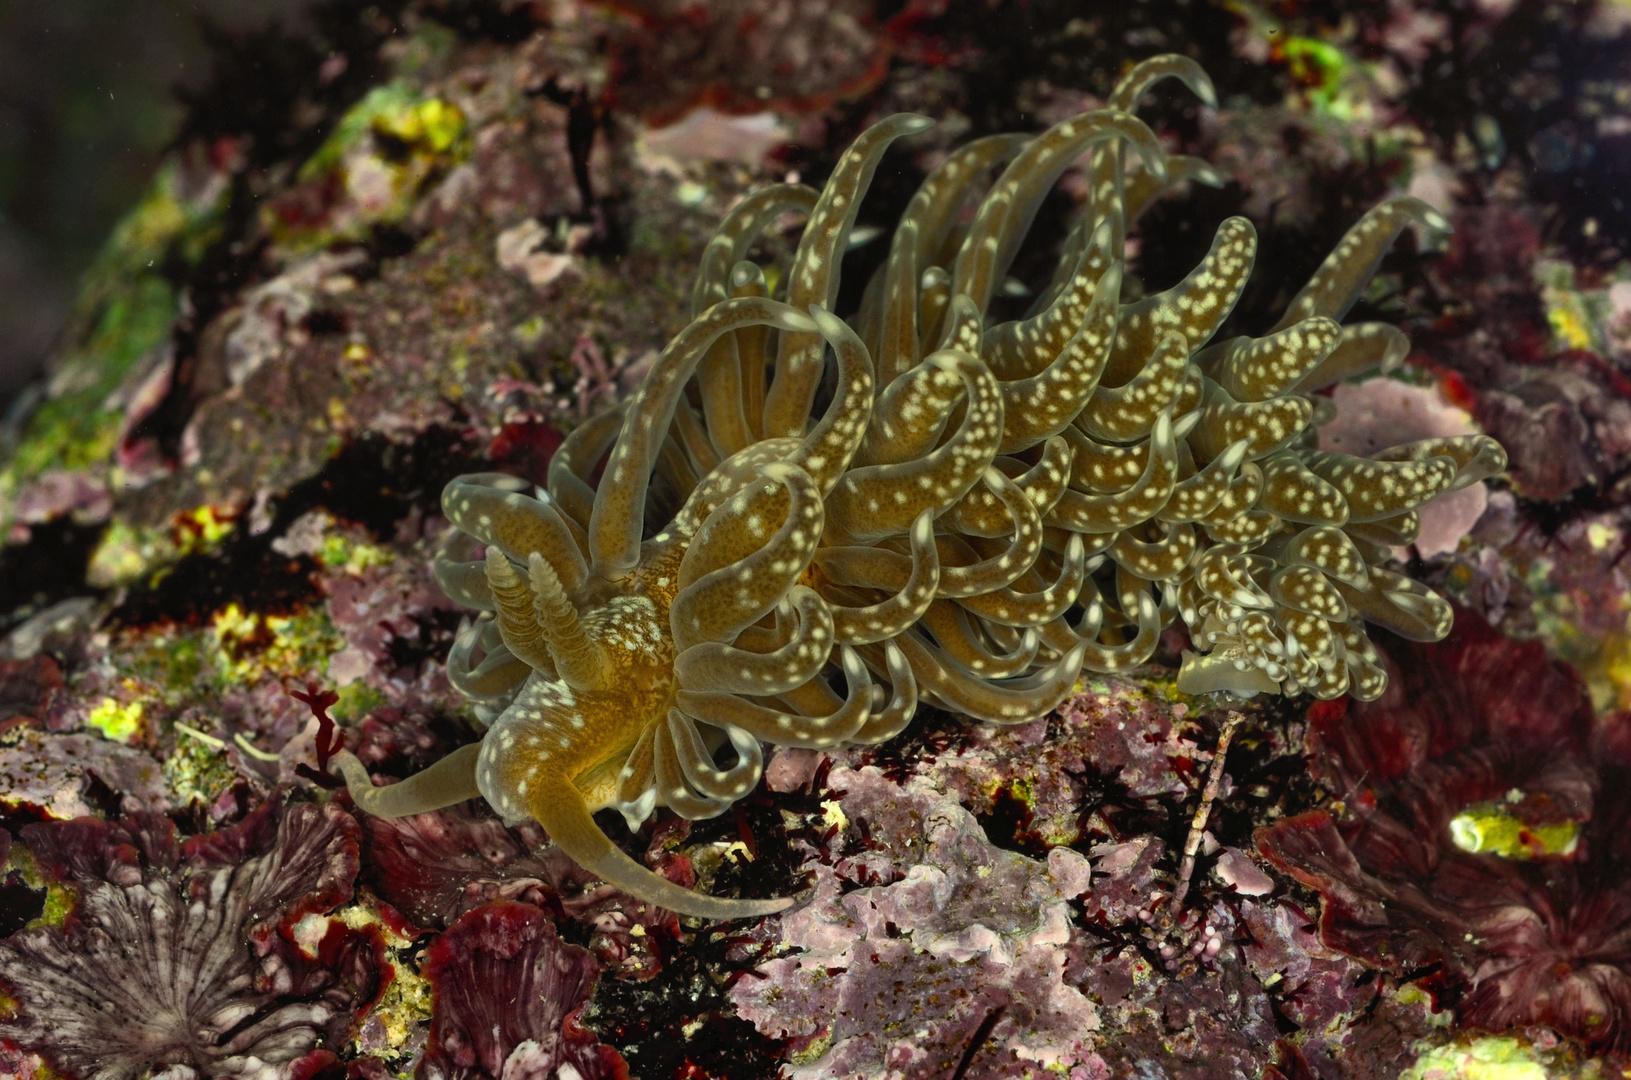 Solar powered sea slug